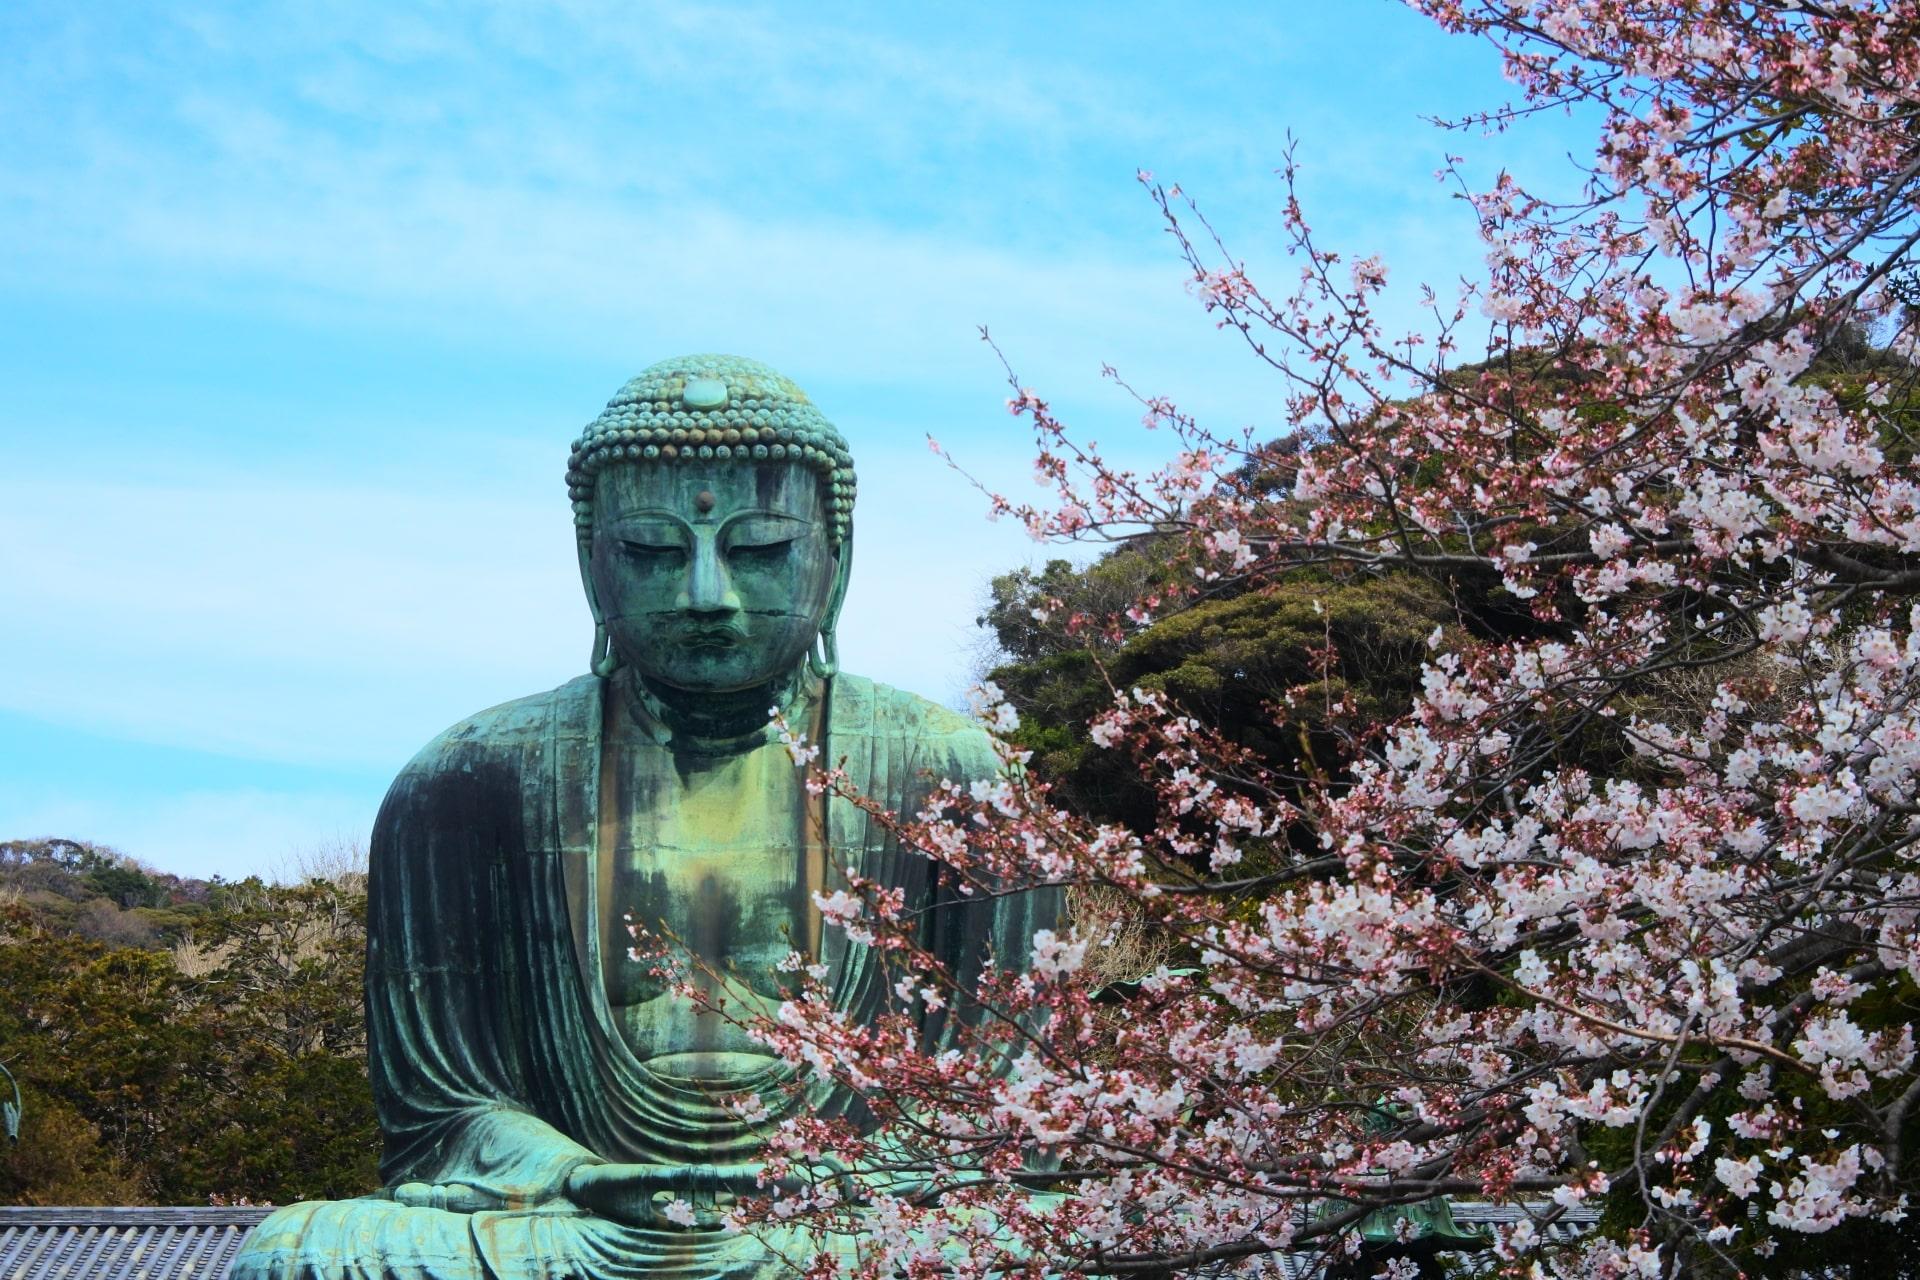 Kamakura DaibutsuBuddha with Cherry Blossoms